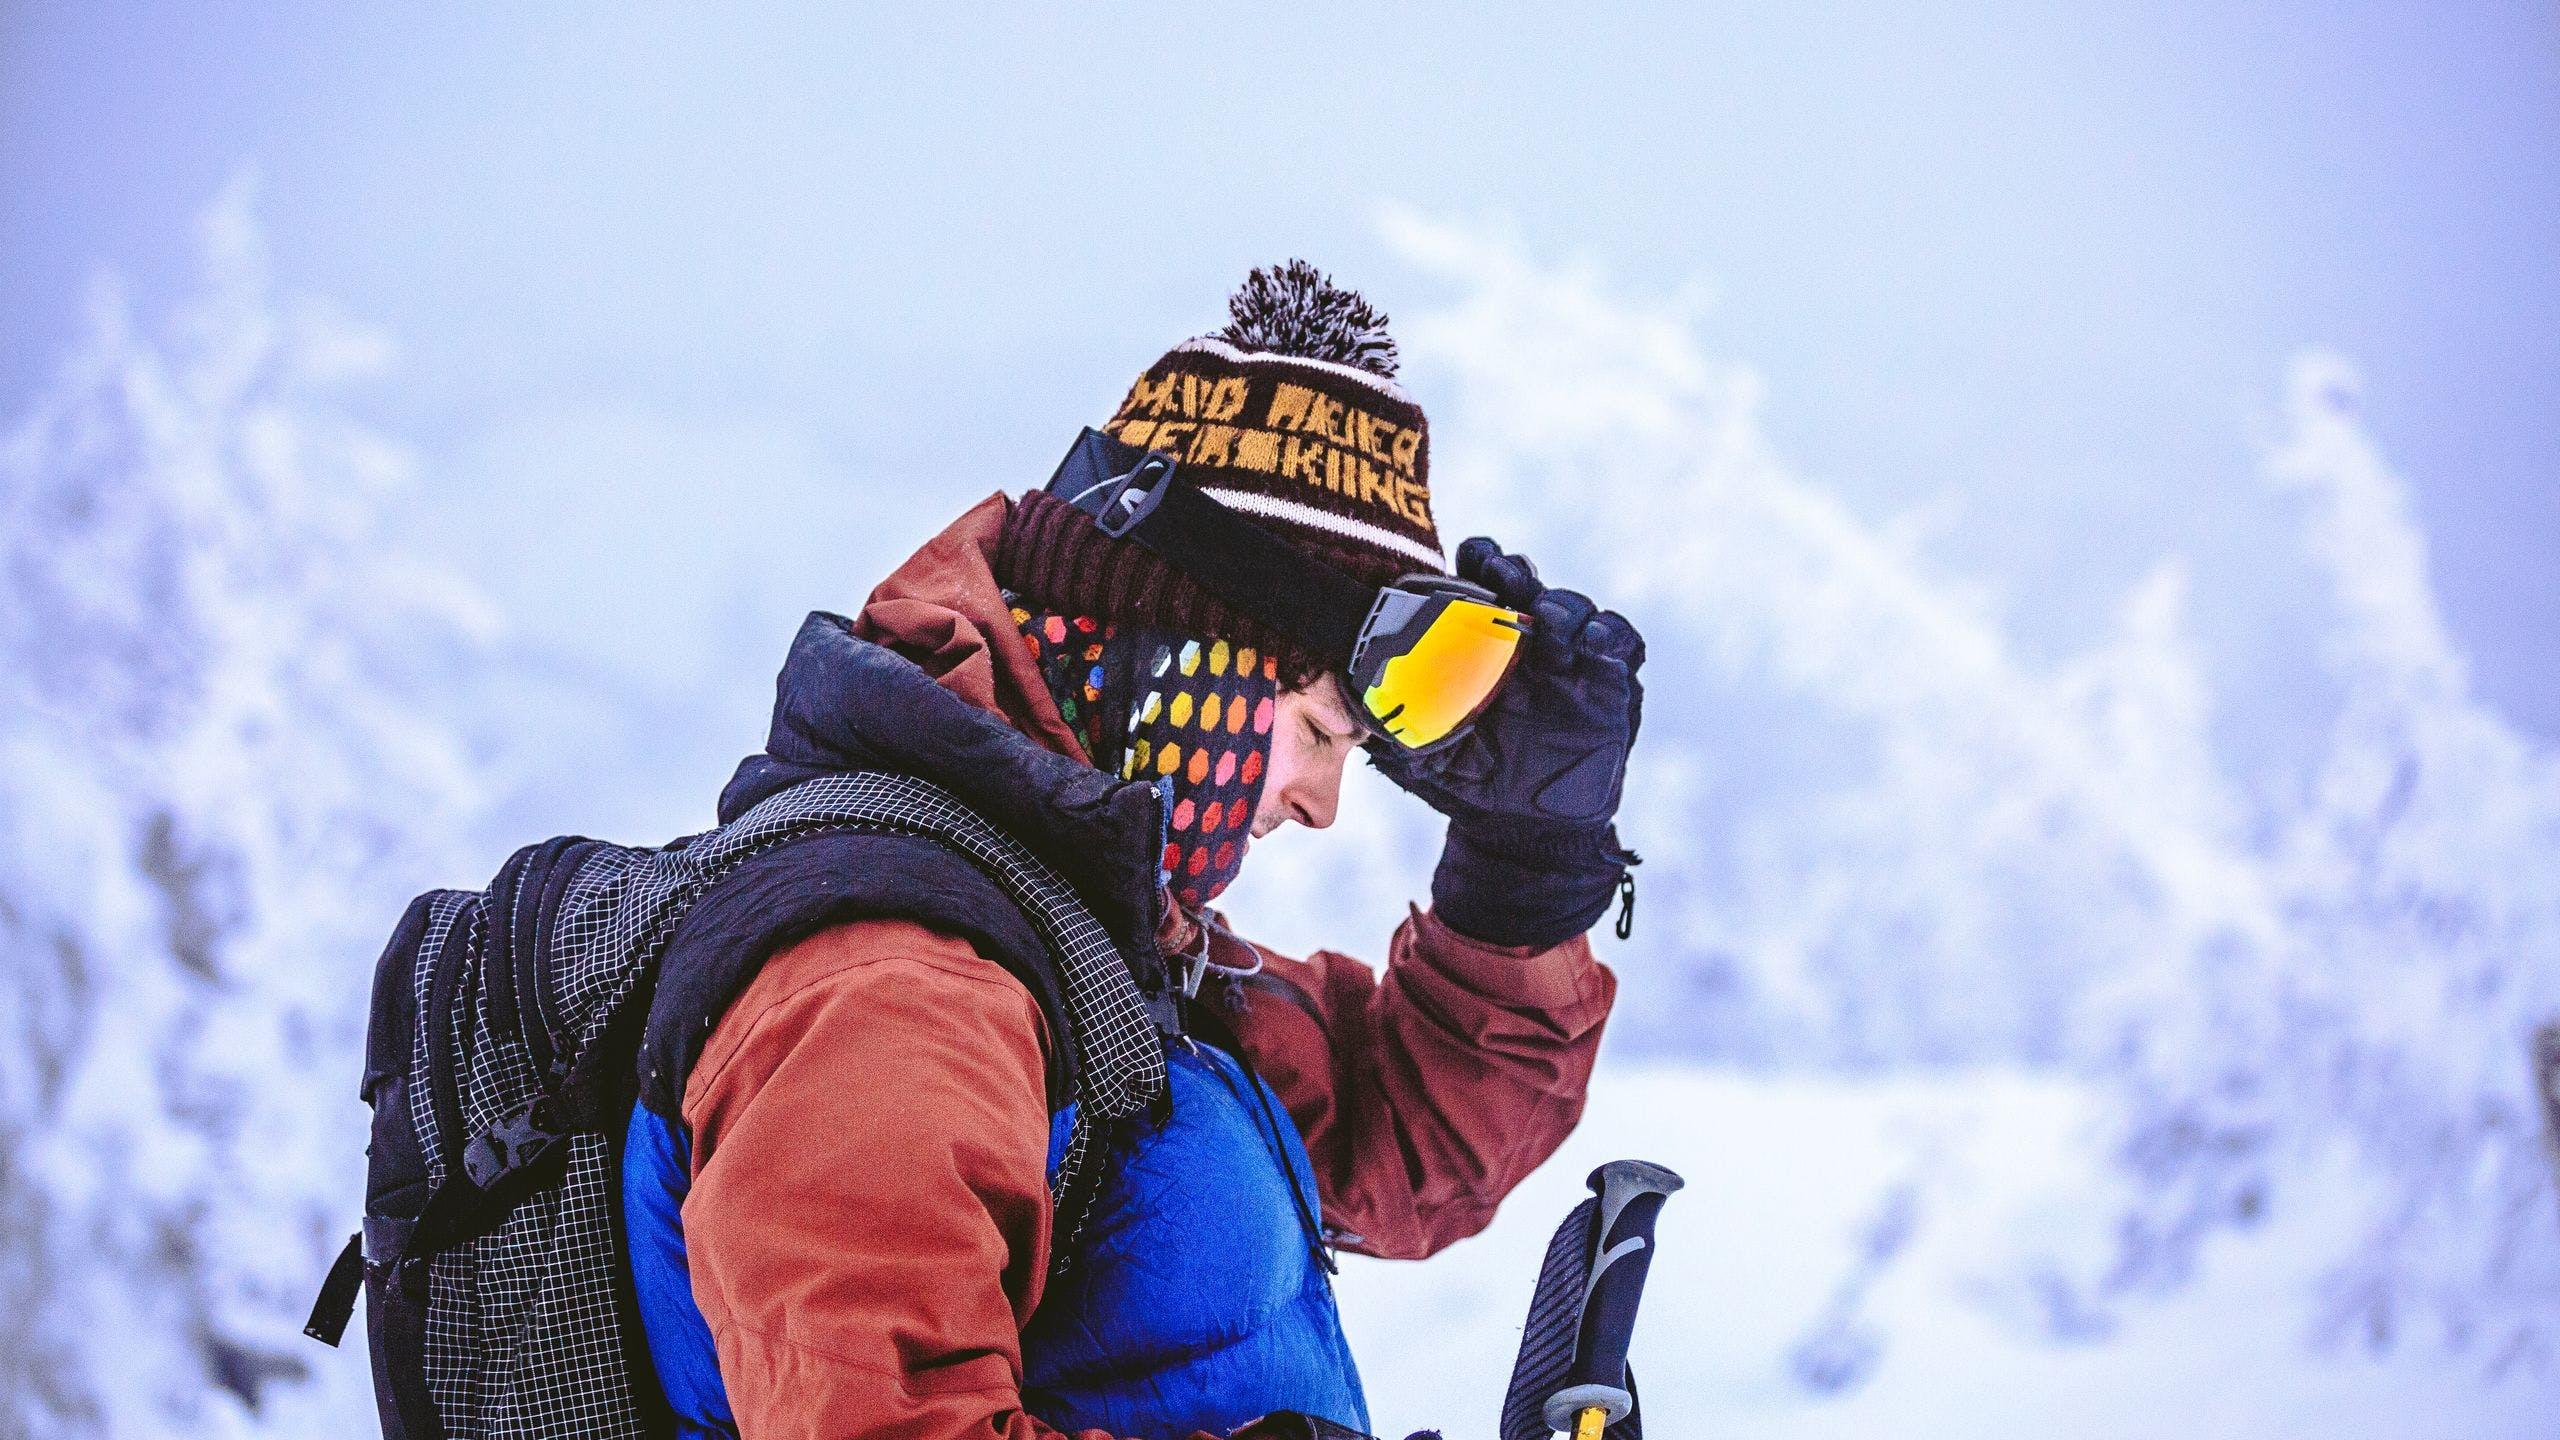 AXA Luxembourg : l'assurance responsabilité civile pour couvrir les dégâts que vous pourriez causer à autrui au ski